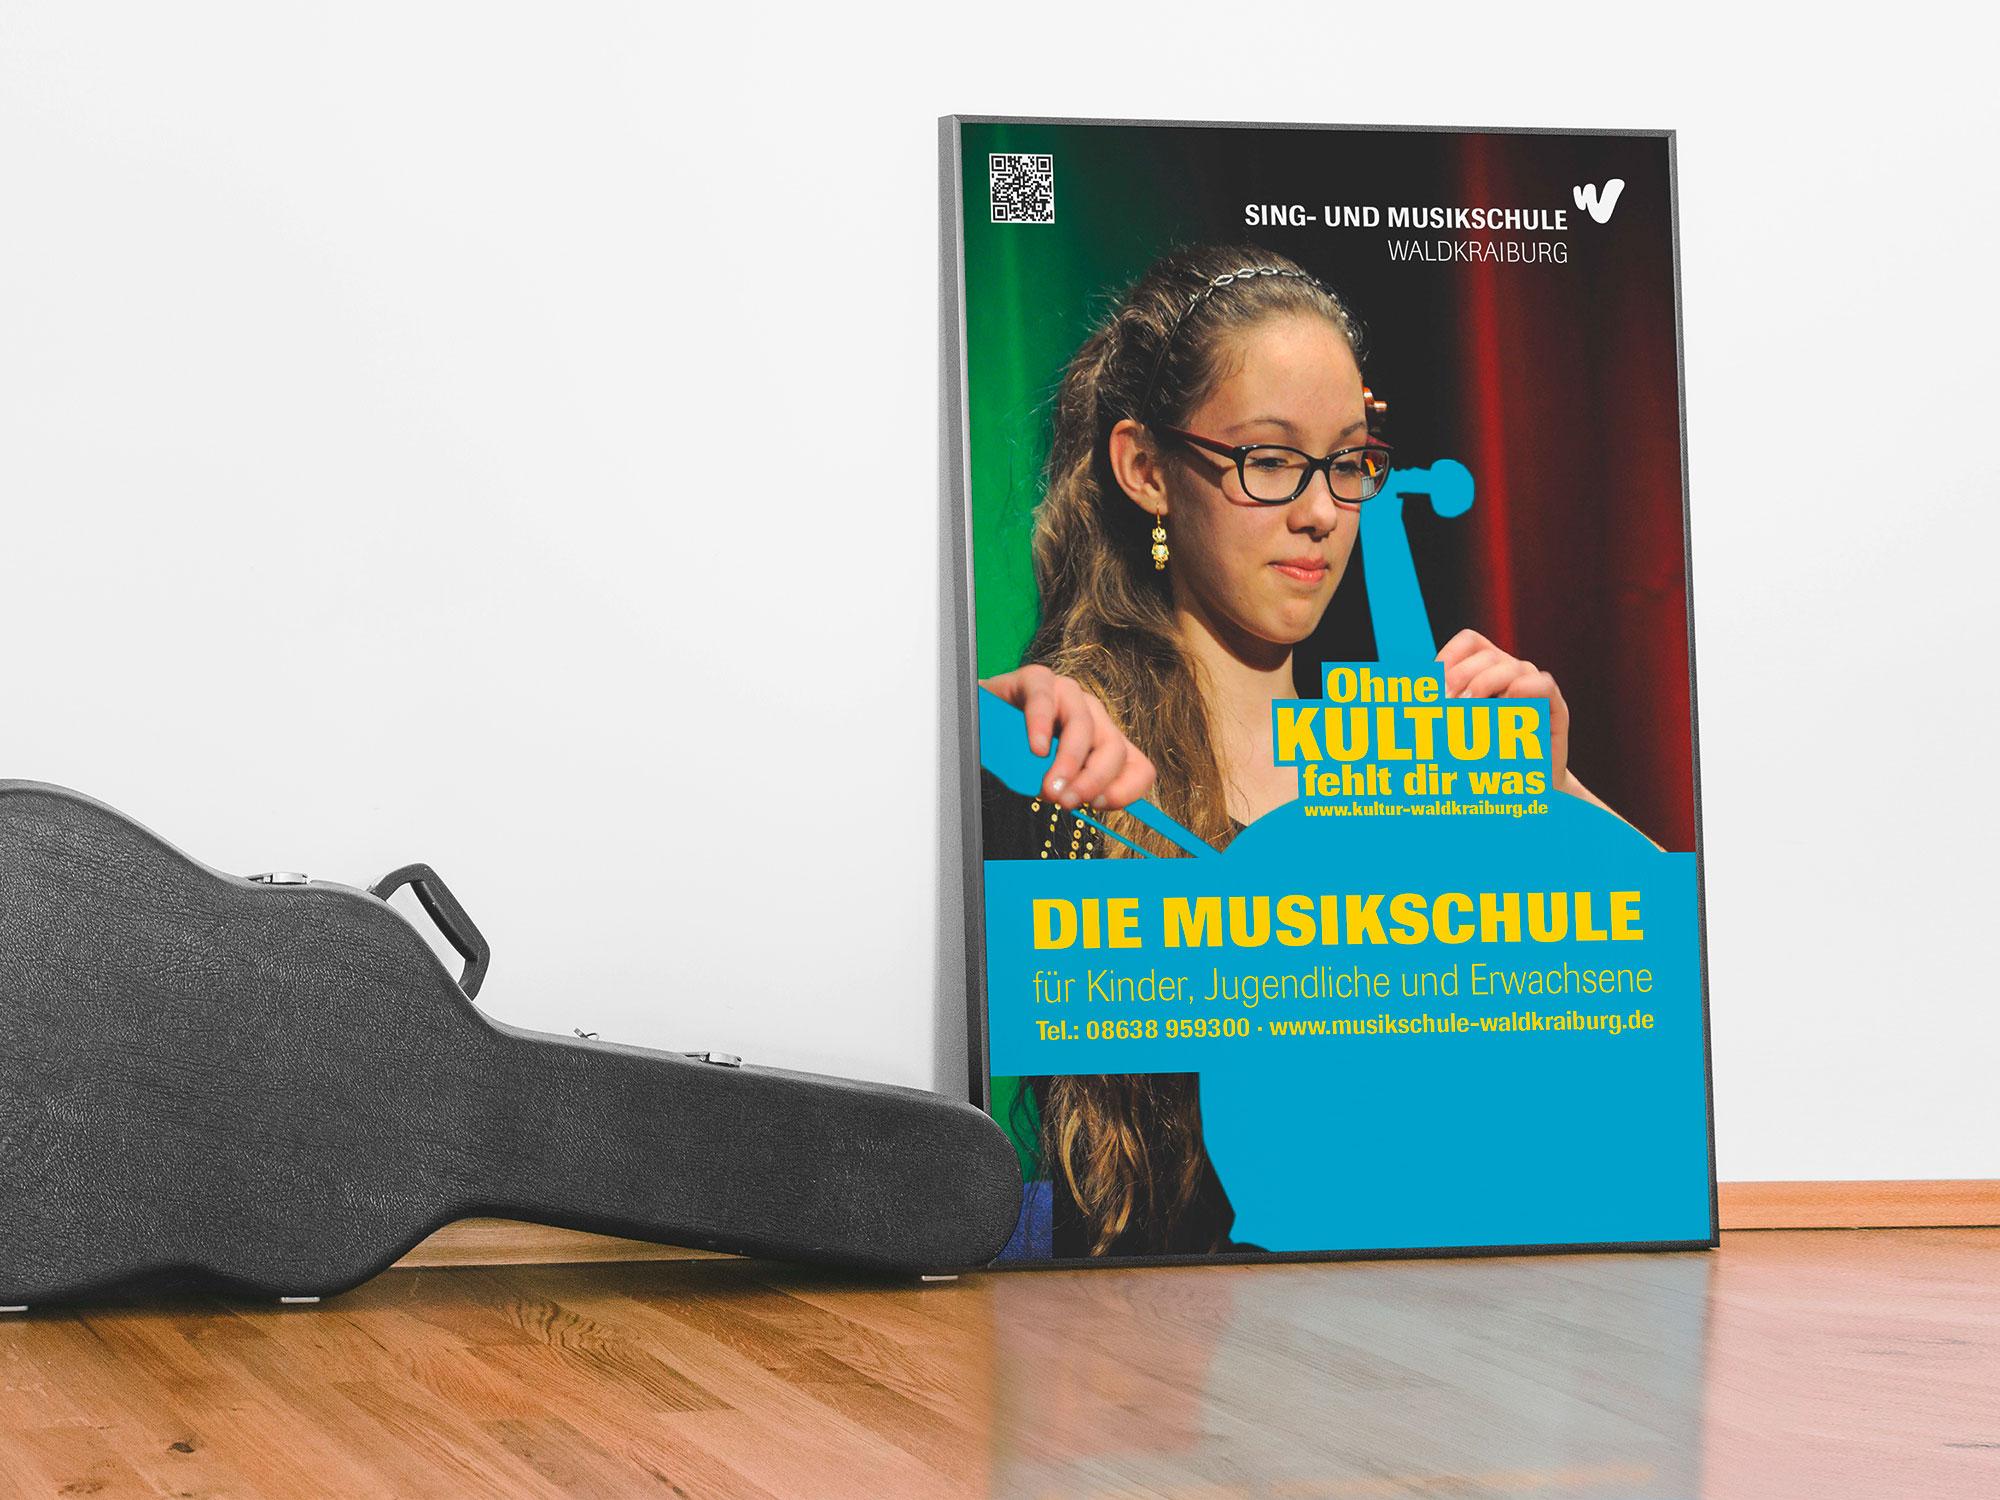 Musikschule Poster 4